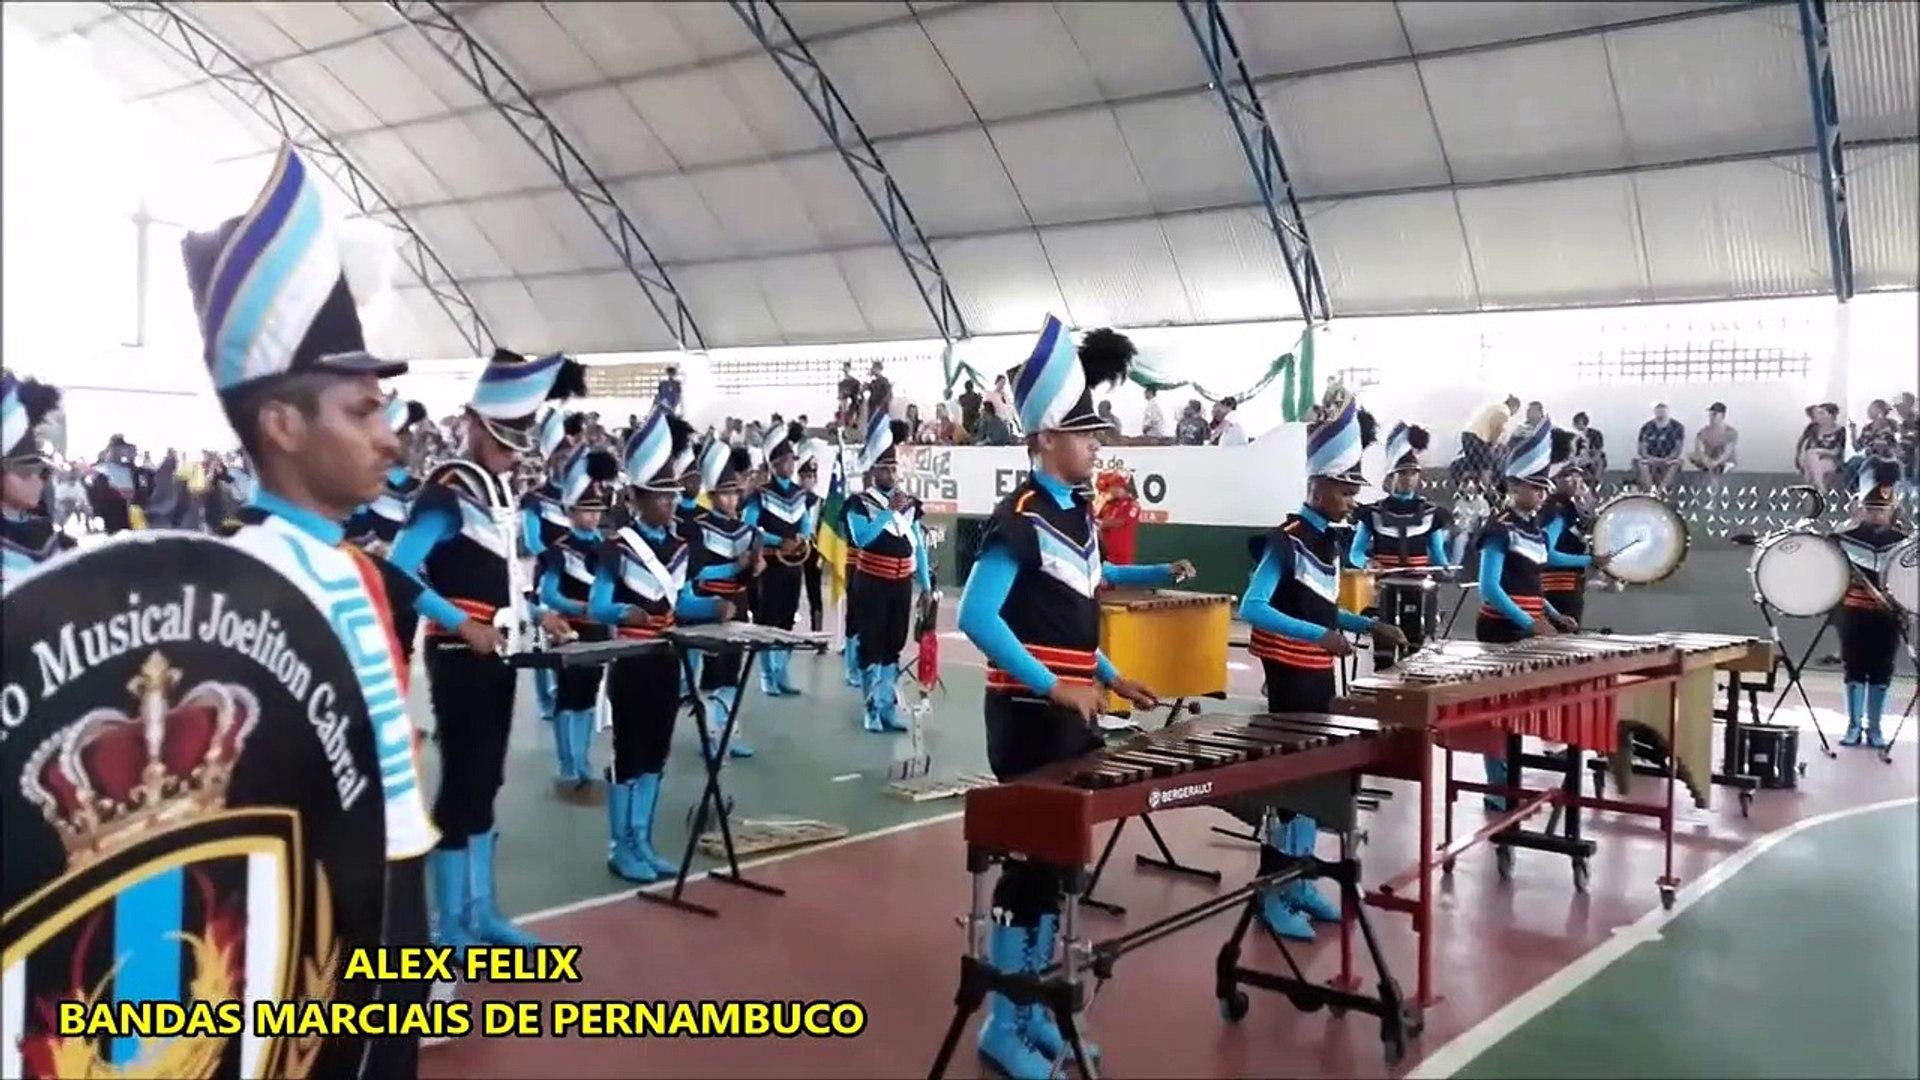 Banda de Percussão Melódica Joeliton Cabral 2018 - XI COPA NORDESTE NORTE DE BANDAS E FANFARRAS